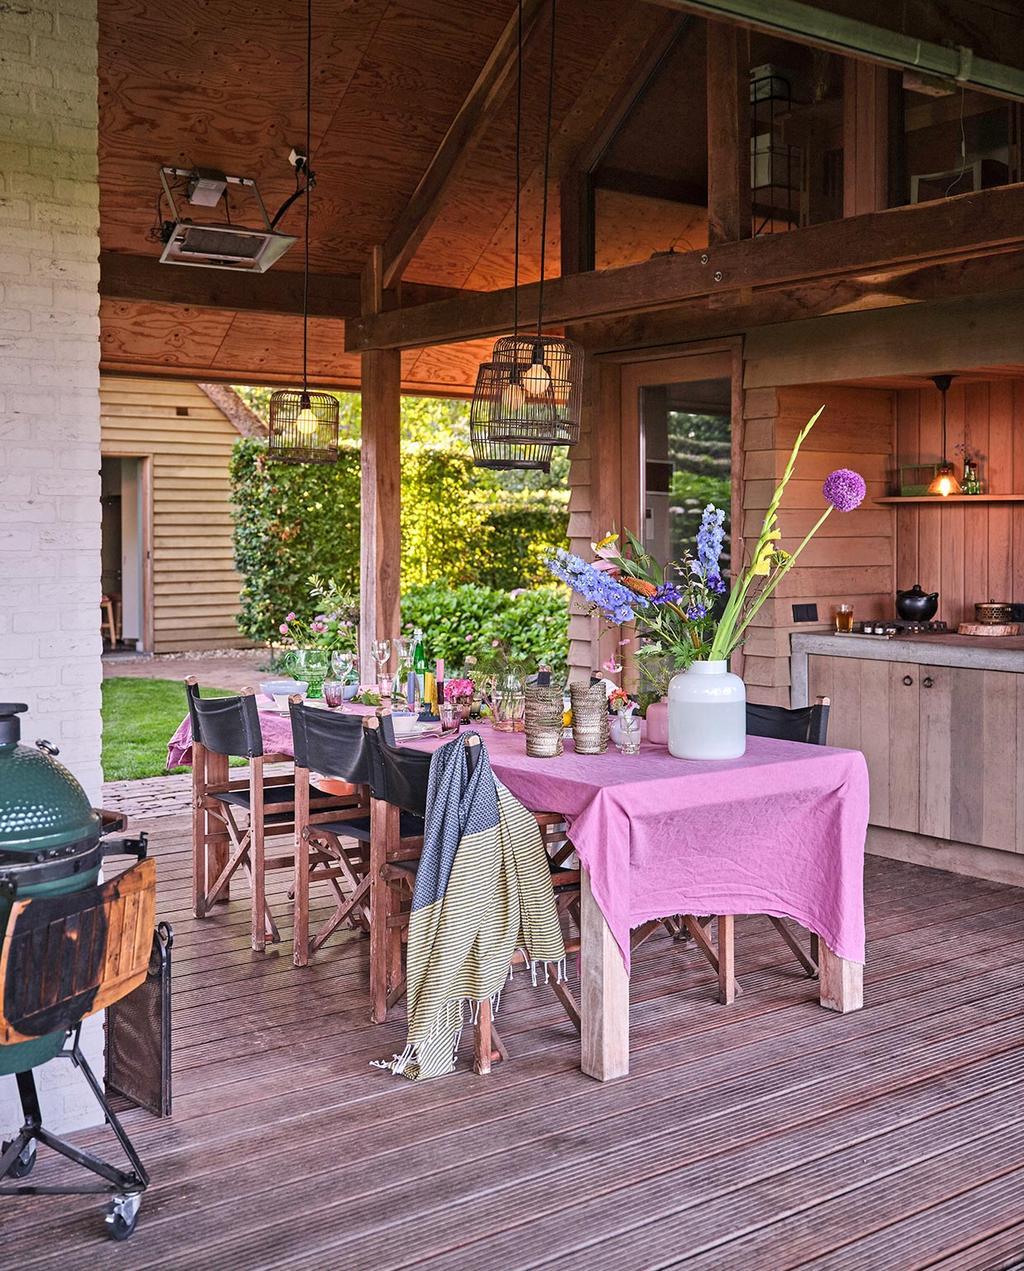 vtwonen tuin special 3 2021 | tafel met roze tafelkleed en een barbecue